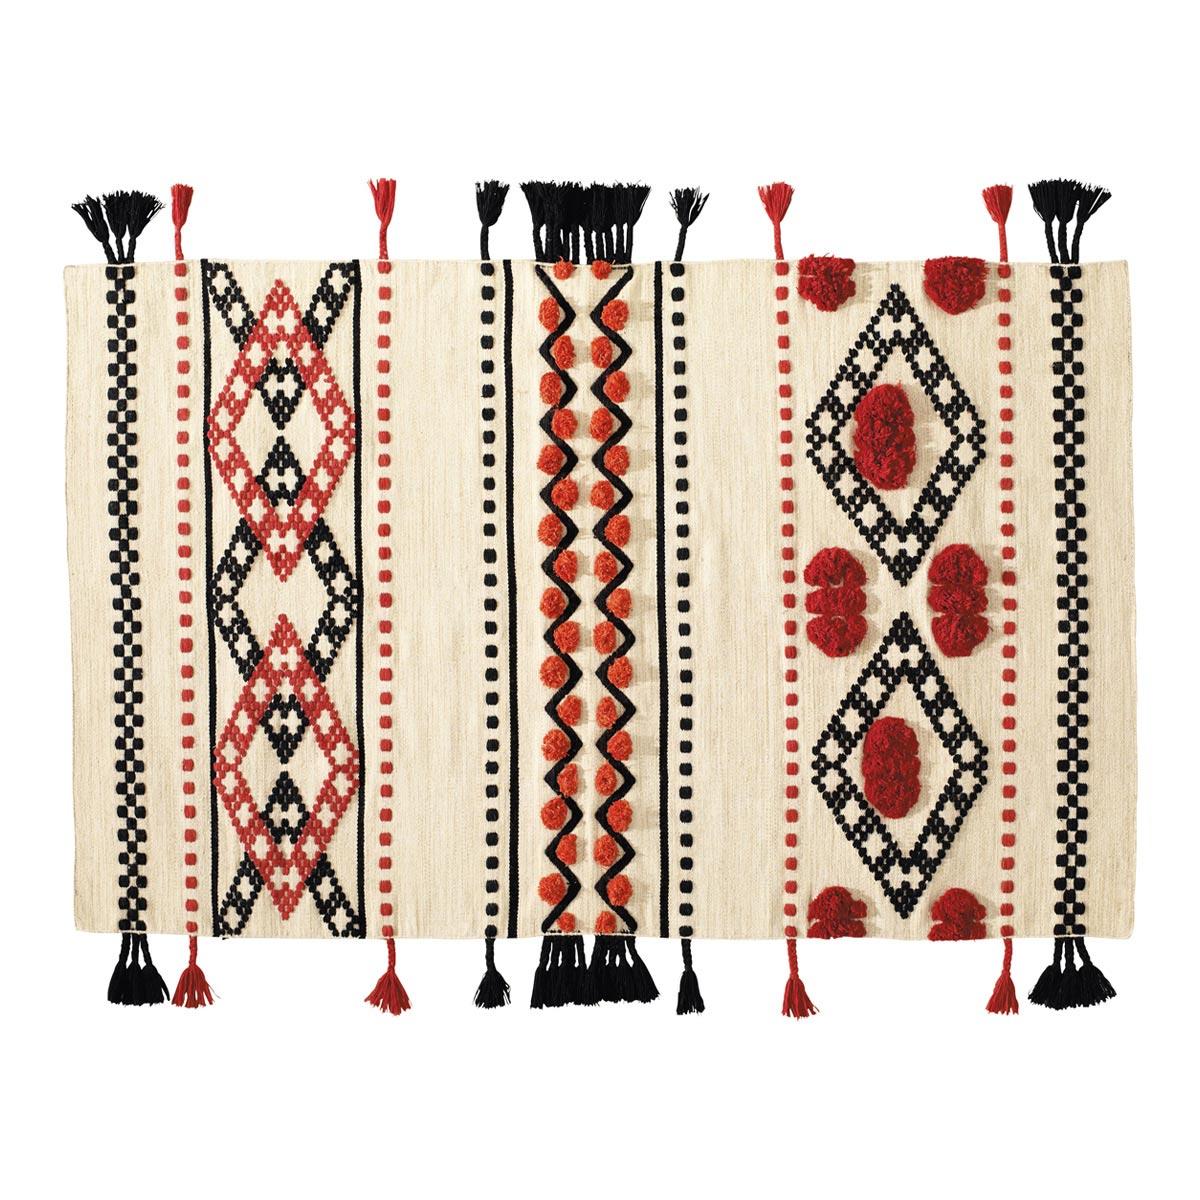 La maison du tapis cheap horaires de la maison du tapis - La maison du tapis ...